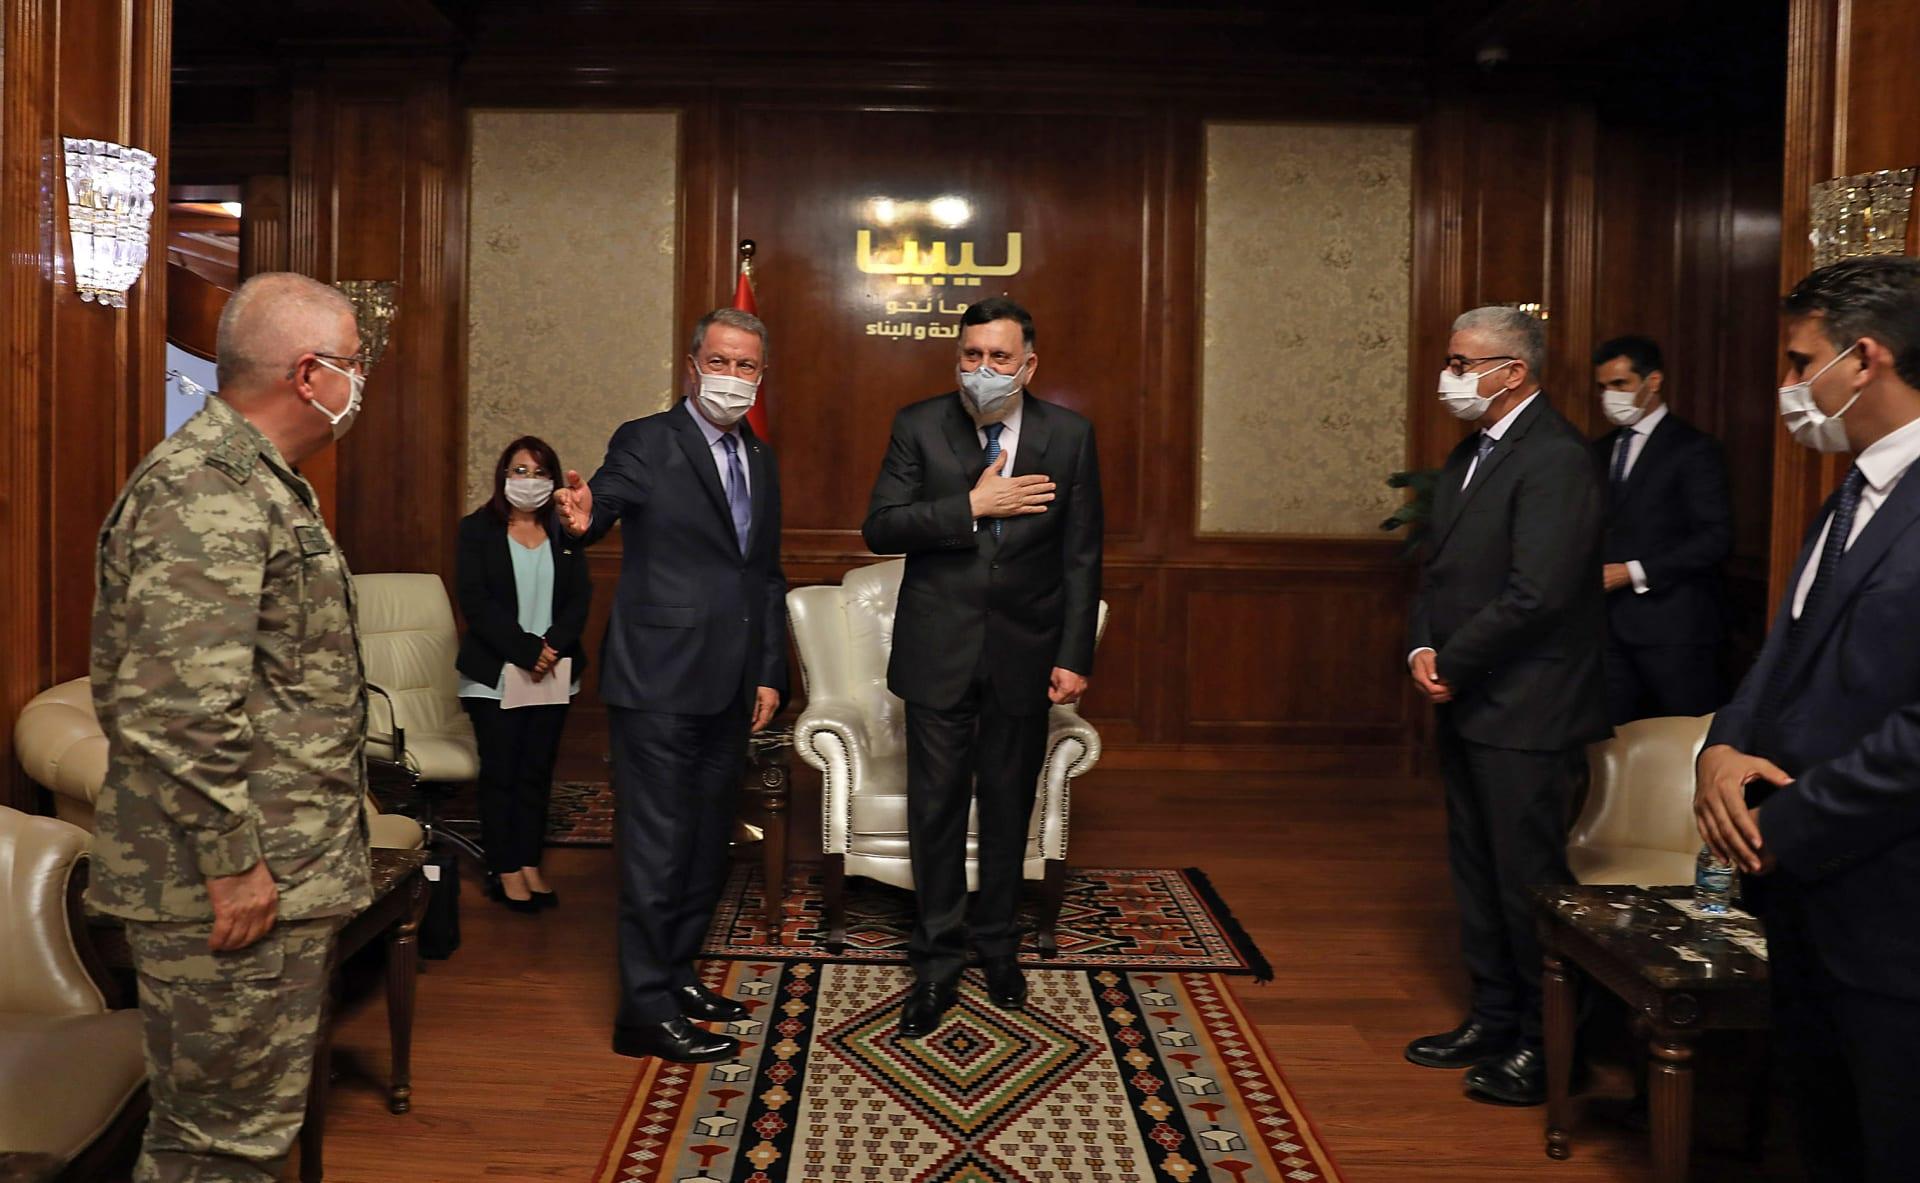 لقاء وزير الفاع التركي مع رئيس حكومة الوفاق الوطني الليبية في طرابلس